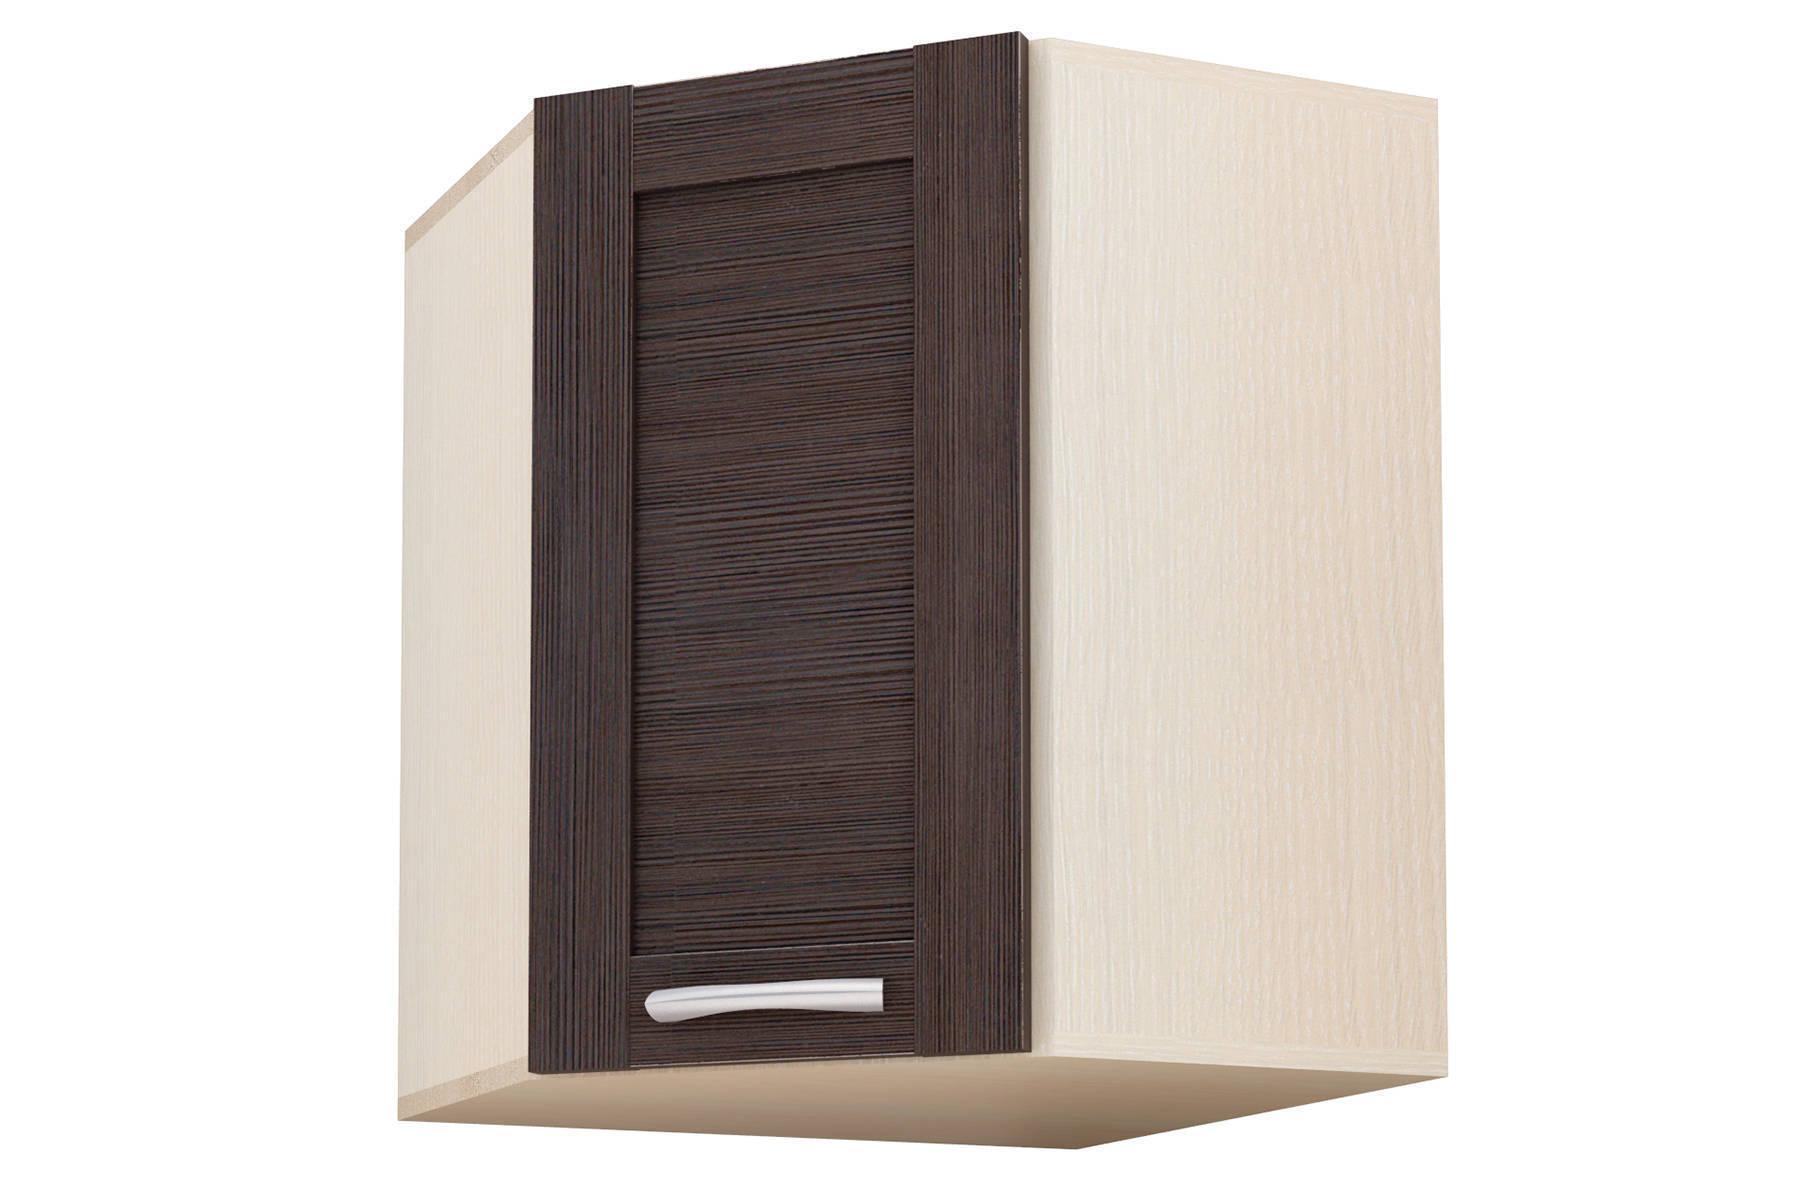 вложит шкафчики навесные для кухни фото кованые указатели будут